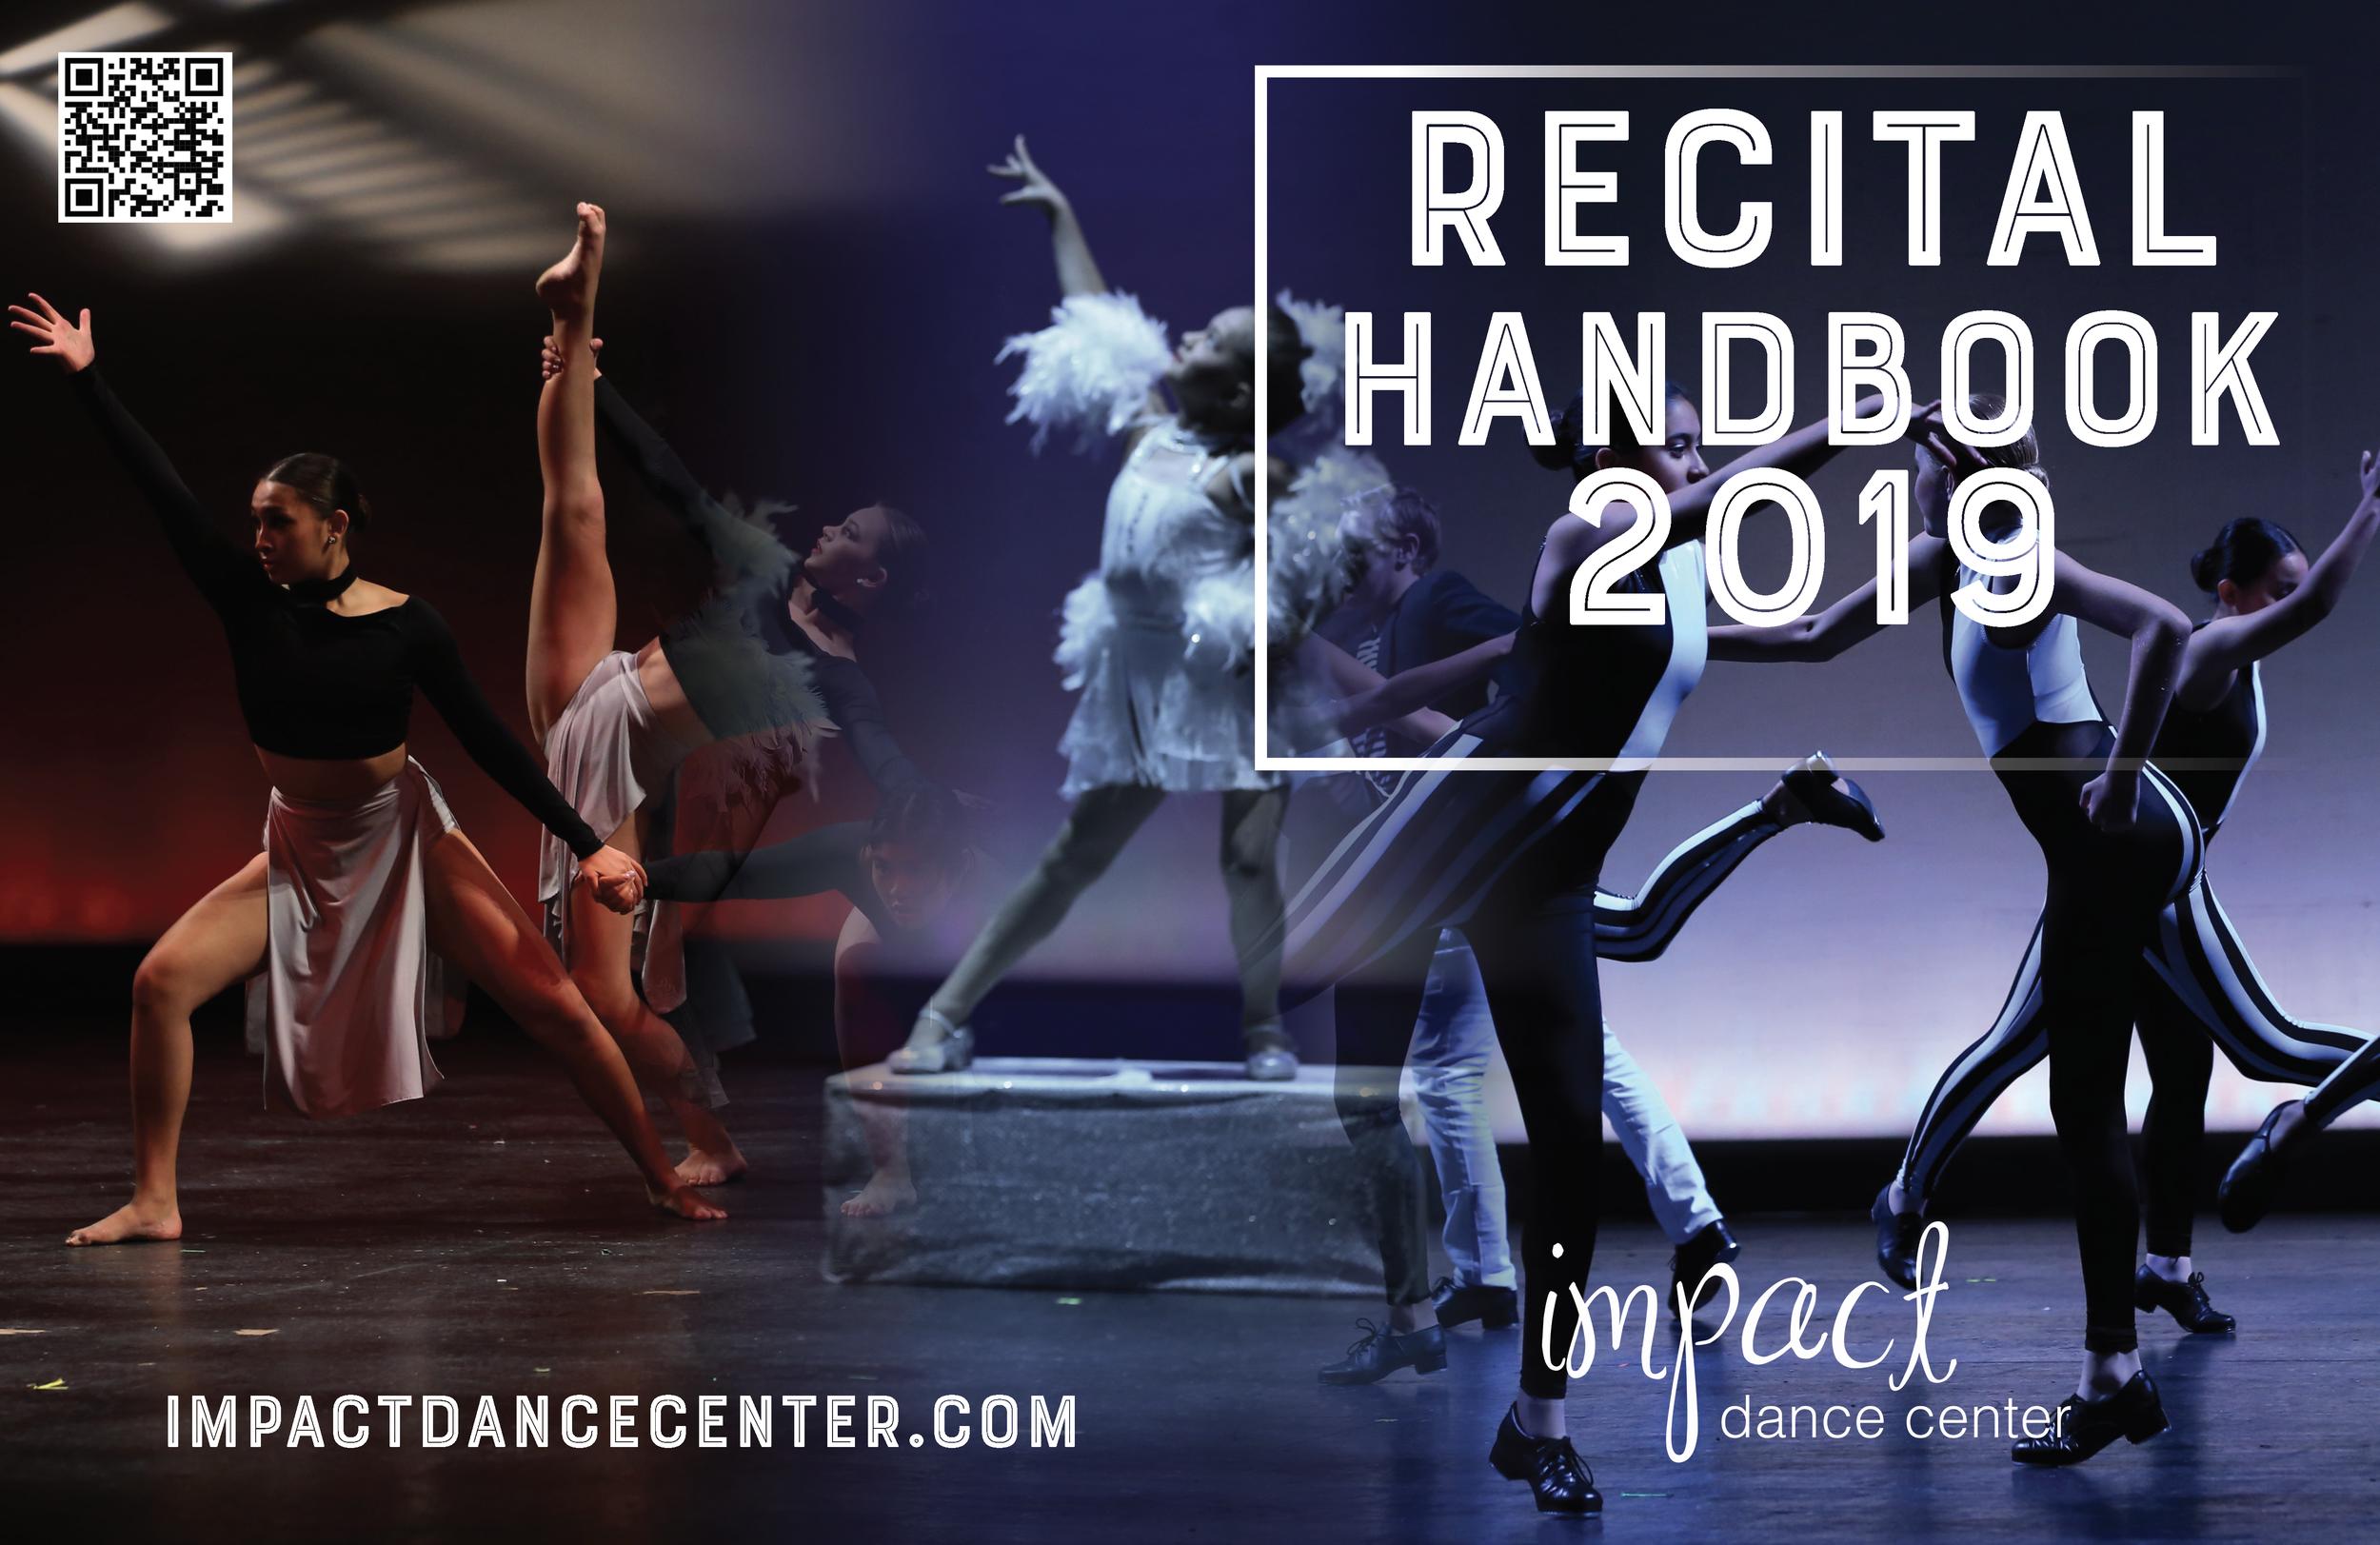 Recital 2019 Handbook v4 spread_Page_4.png